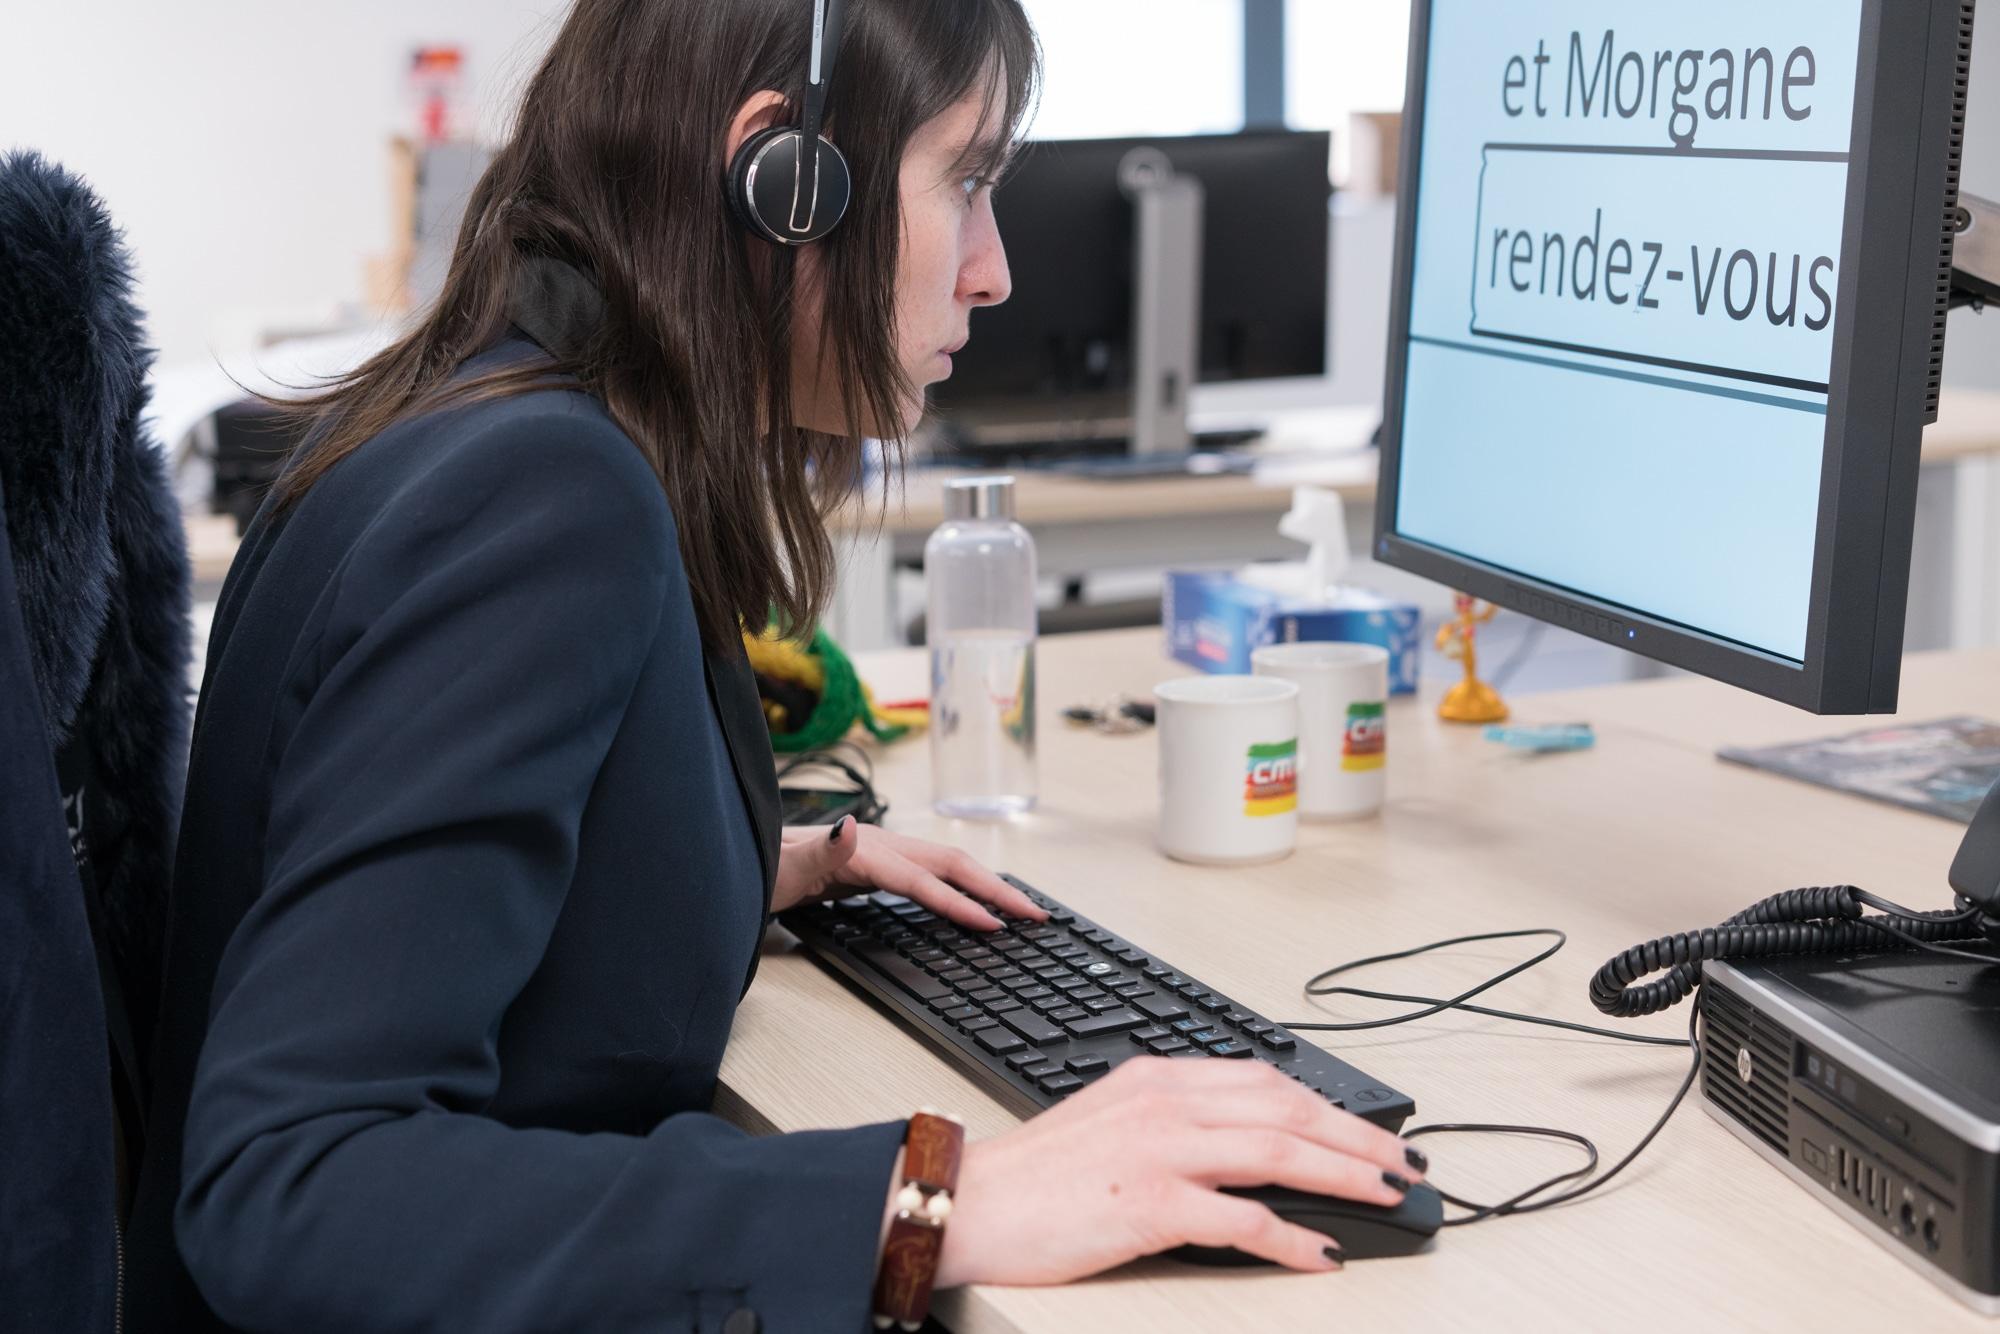 Morgane, équipée d'un casque audio, utilise son ordinateur.